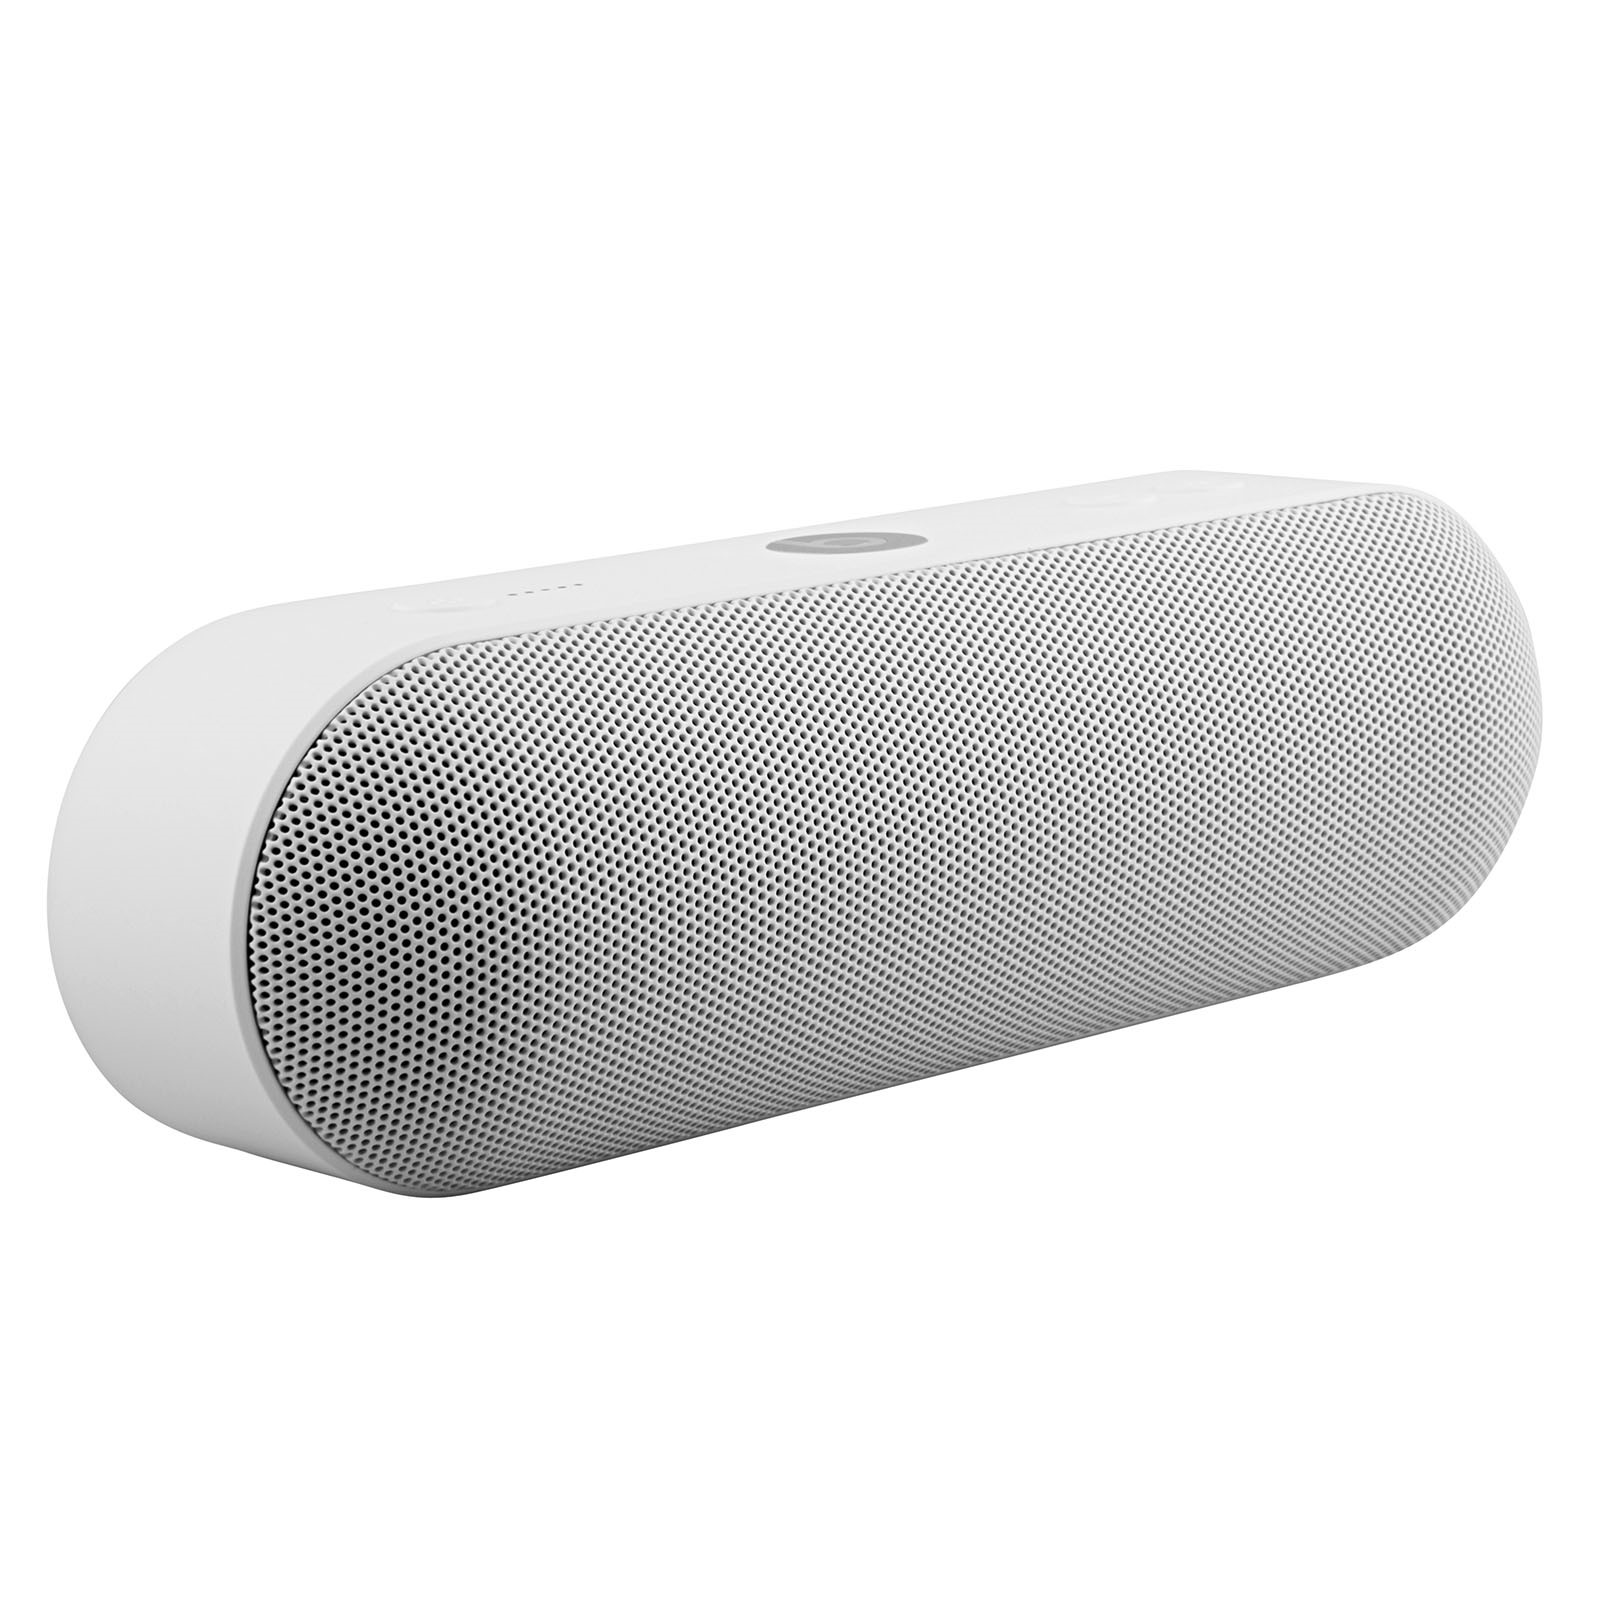 Beats By Dr. Dre Beats Pill+ Wireless Speaker White